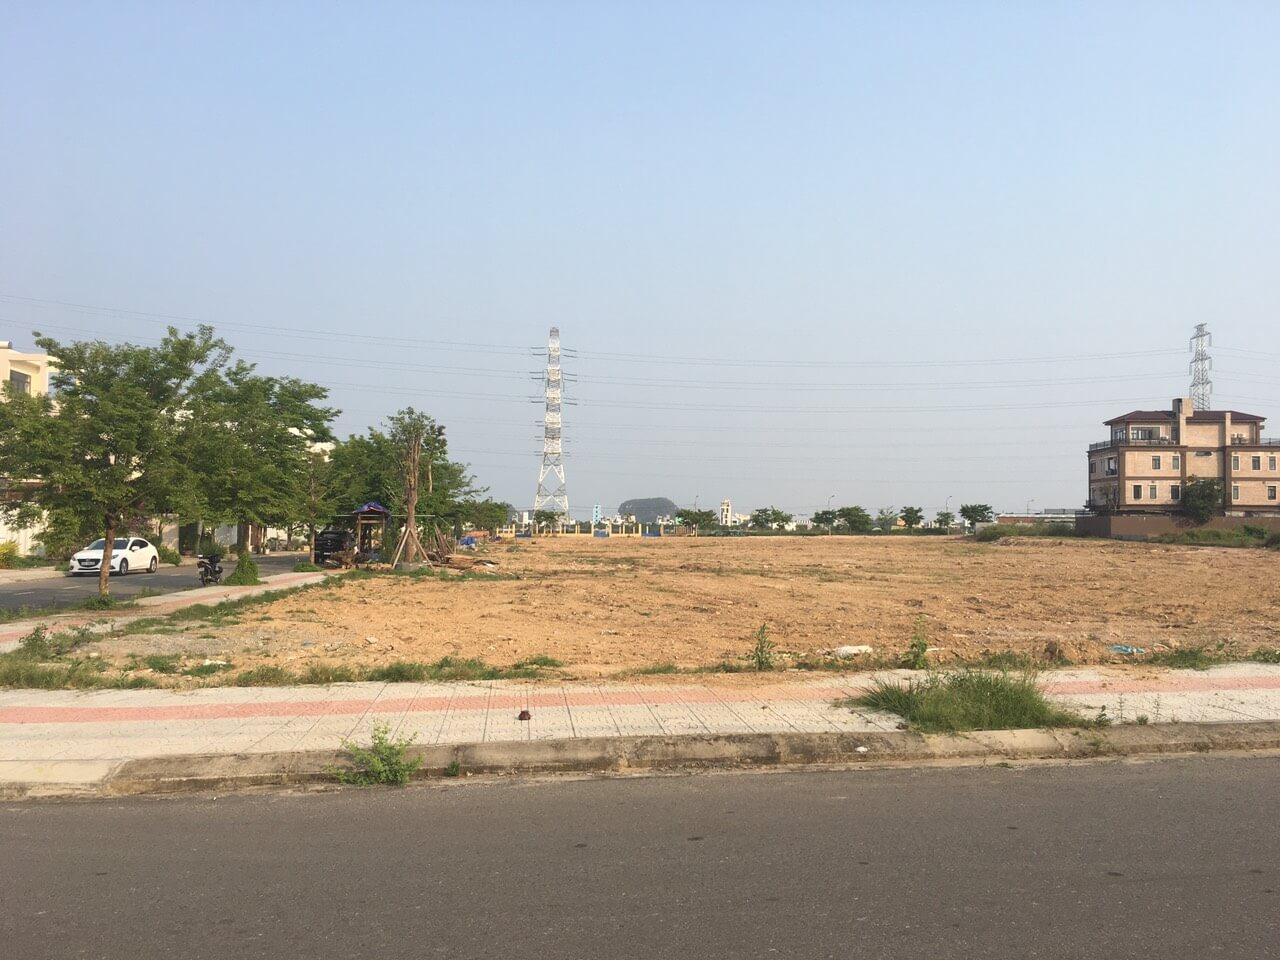 bán đất đường Trung Lương 16 - Hòa Xuân - Cẩm Lệ - Đà Nẵng